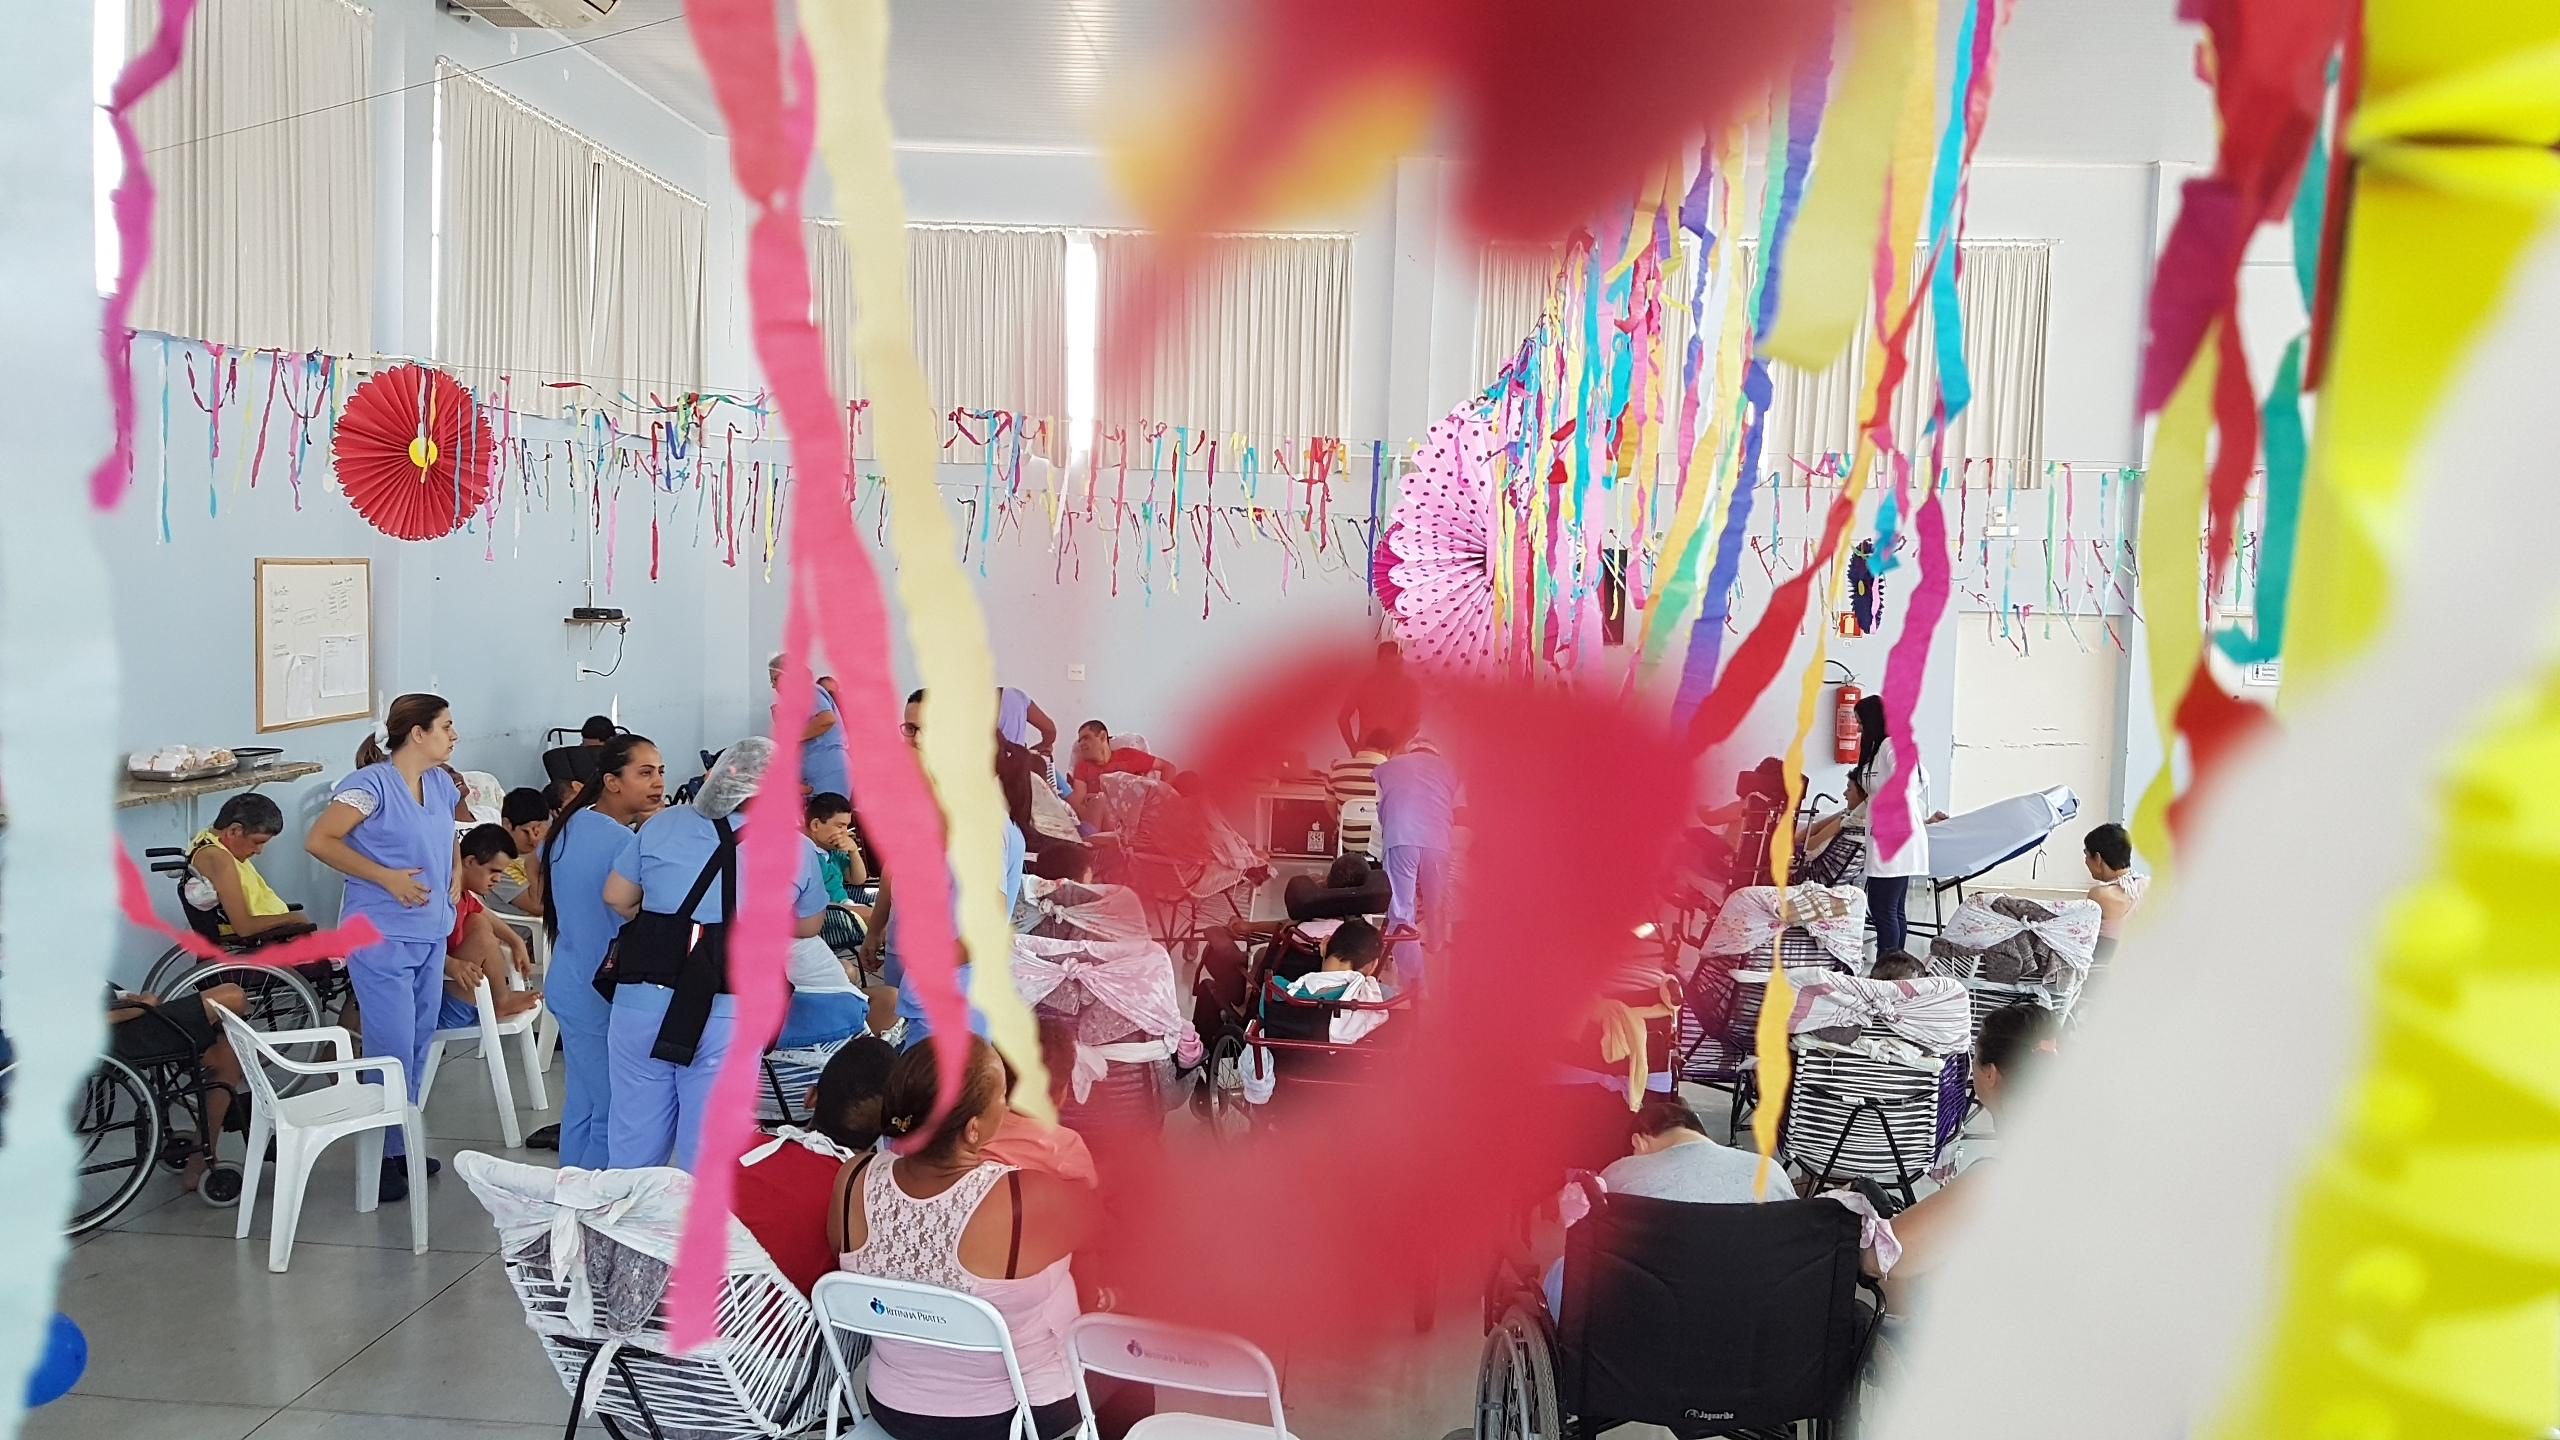 Pacientes do Ritinha Prates comemoram antecipadamente o Dia das Crianças